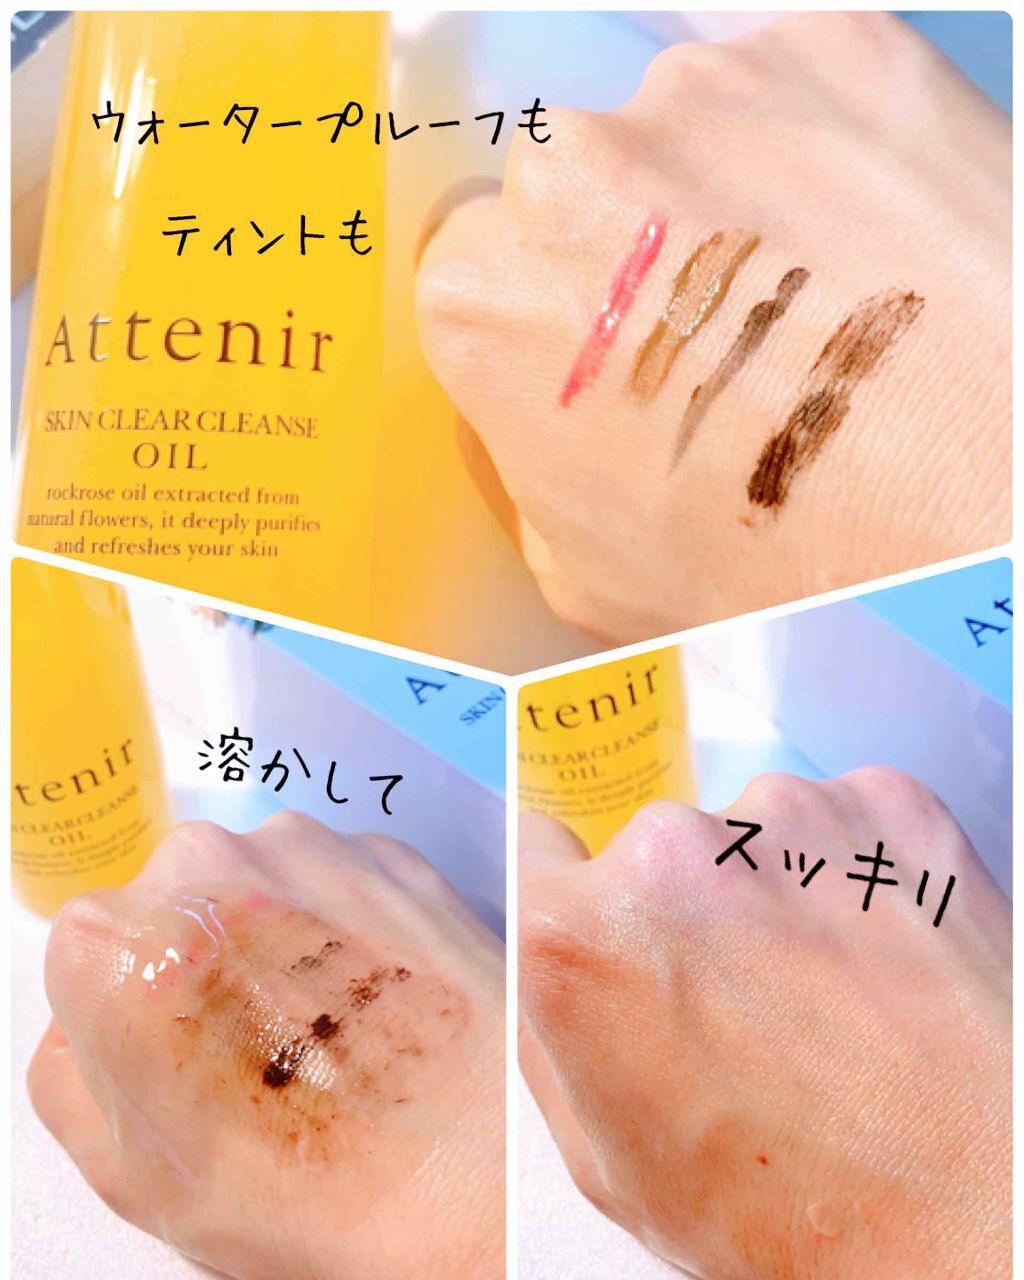 「敏感肌向け化粧品ランキング おすすめスキンケアをプチプラ・デパコス別にご紹介!」の画像(#134044)